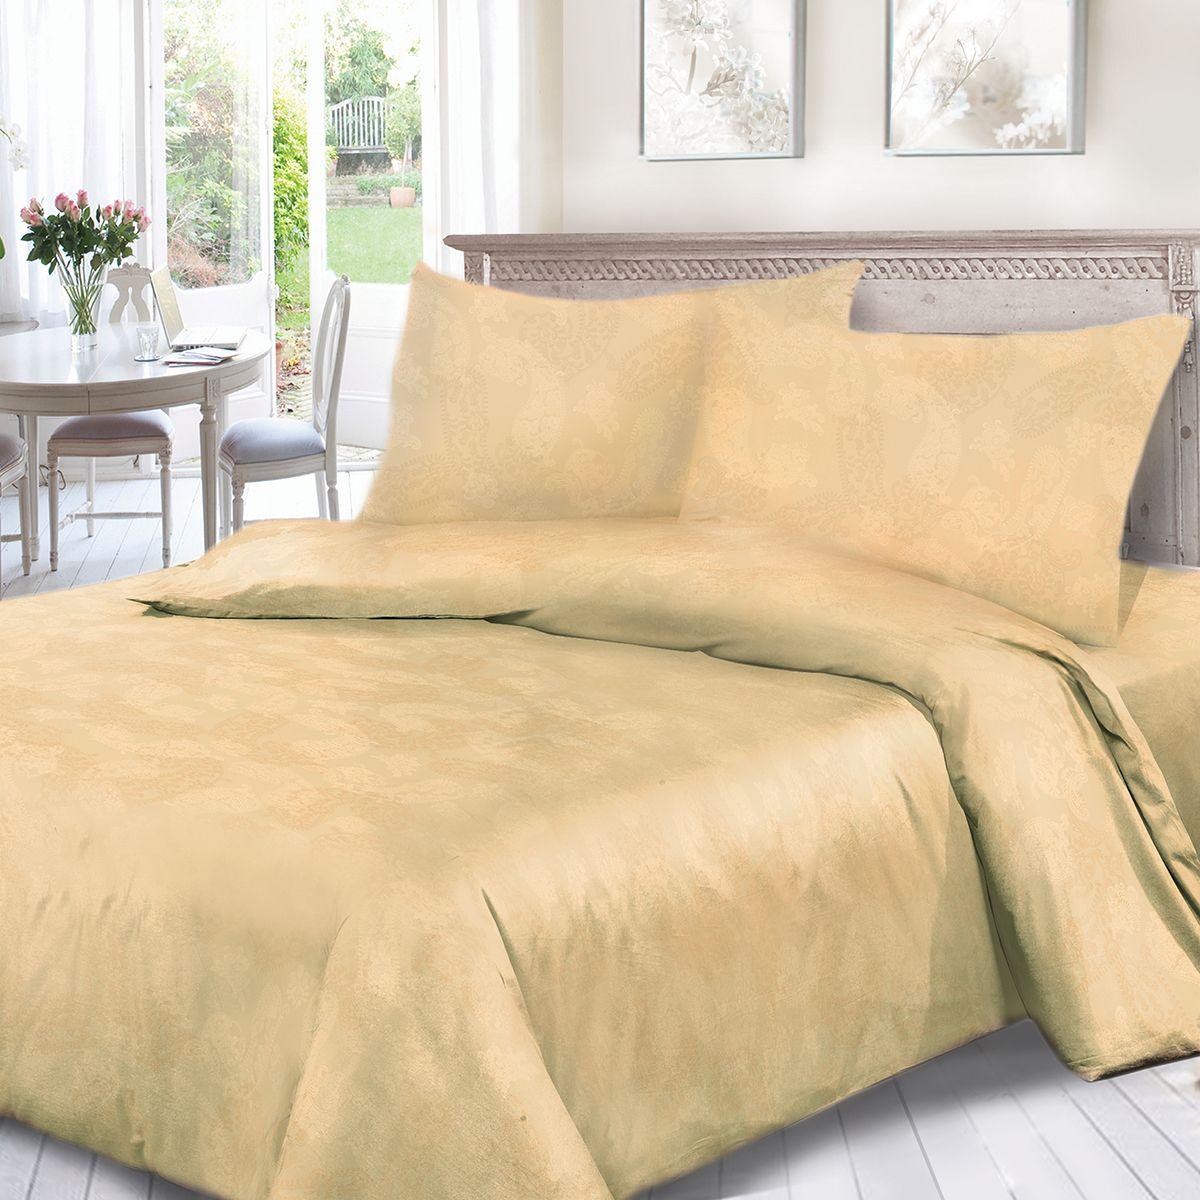 Комплект белья Сорренто Жаккард, 2-х спальное, наволочки 70x70, цвет: бежевый. 3558-280264